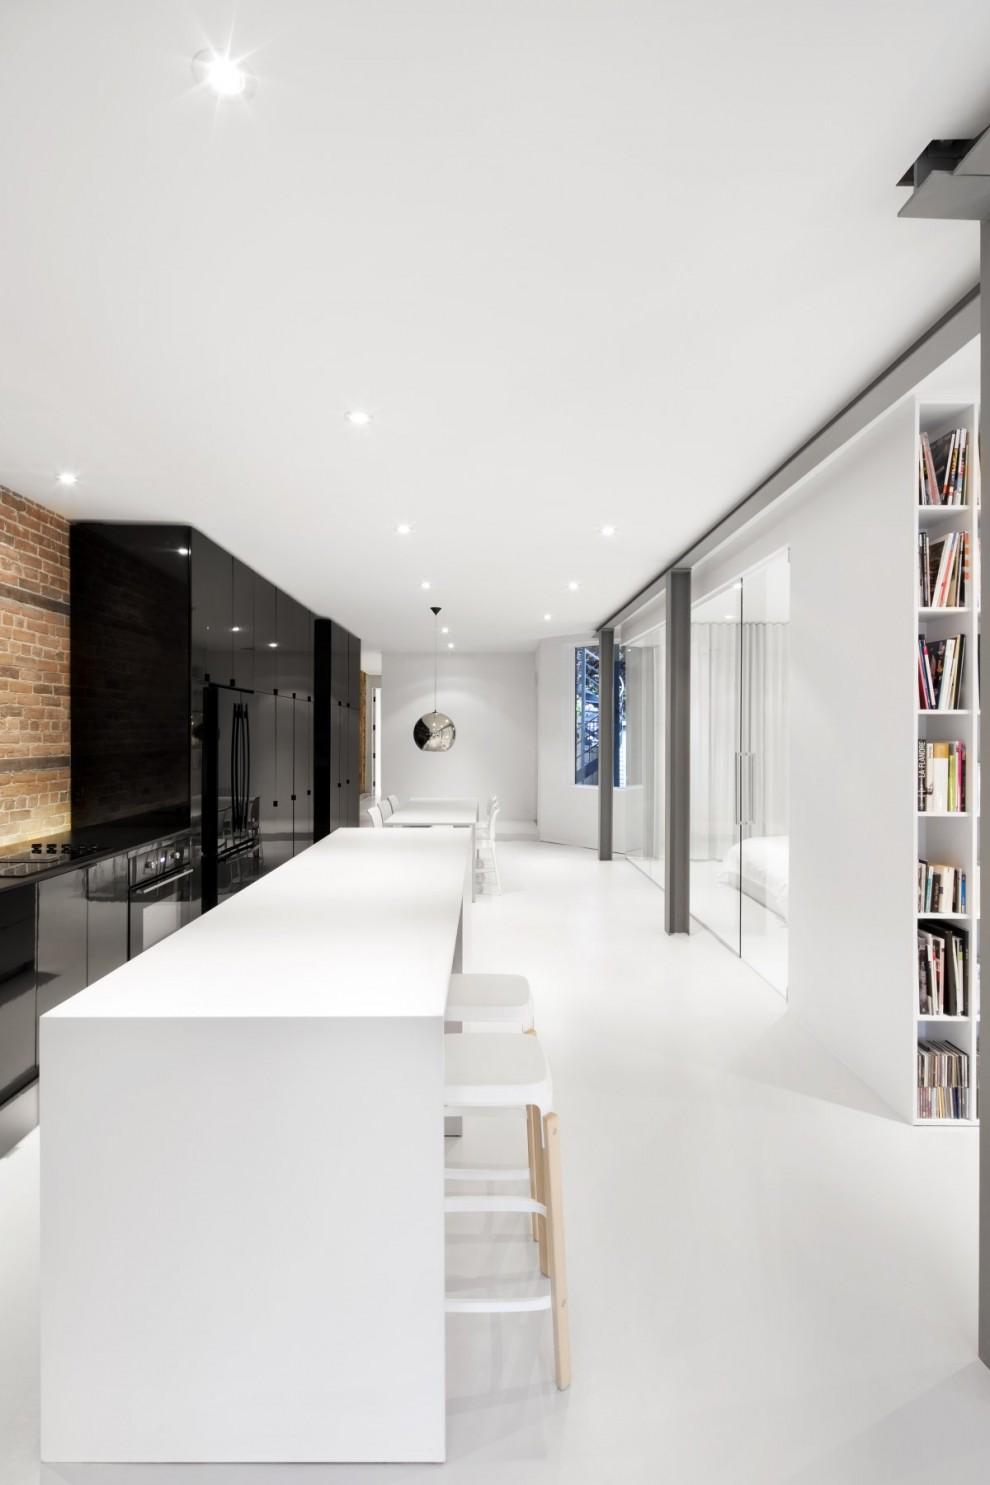 R ahbilitation d 39 un appartement montr al blog red for Cours design interieur montreal